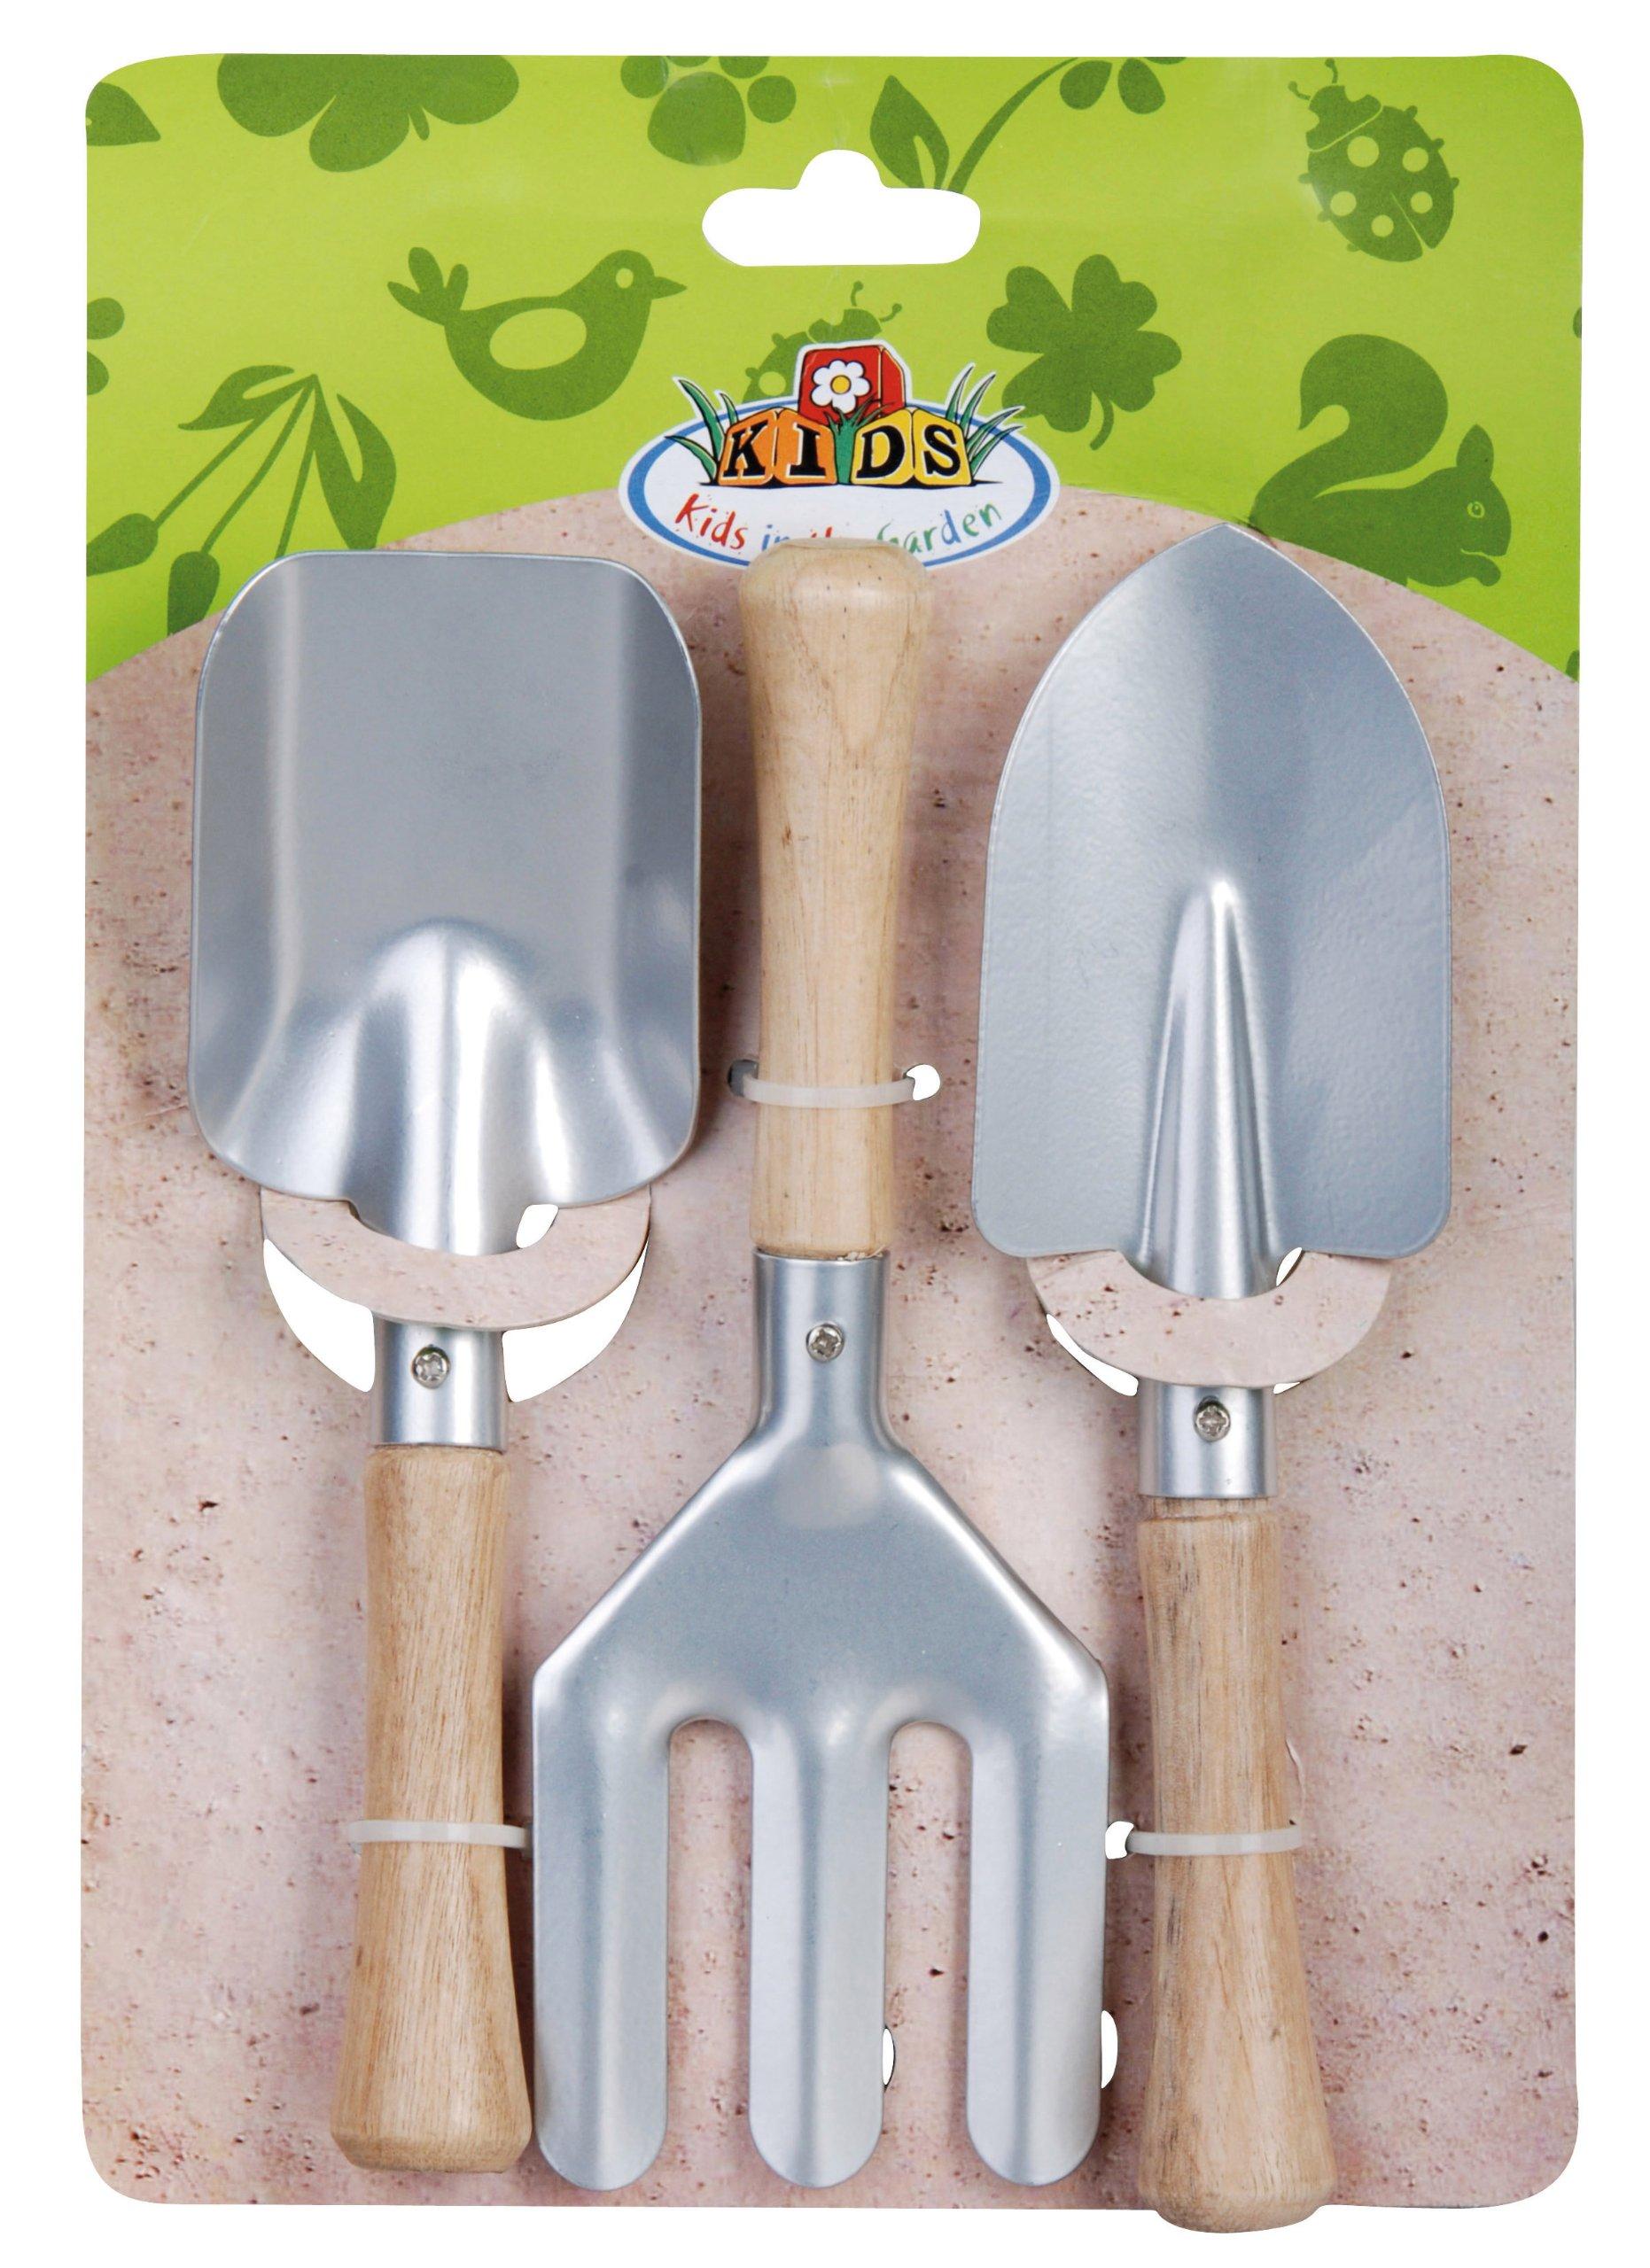 Esschert Design USA KG107 Childrens Small Garden Tool Set, Silver by Esschert Design USA